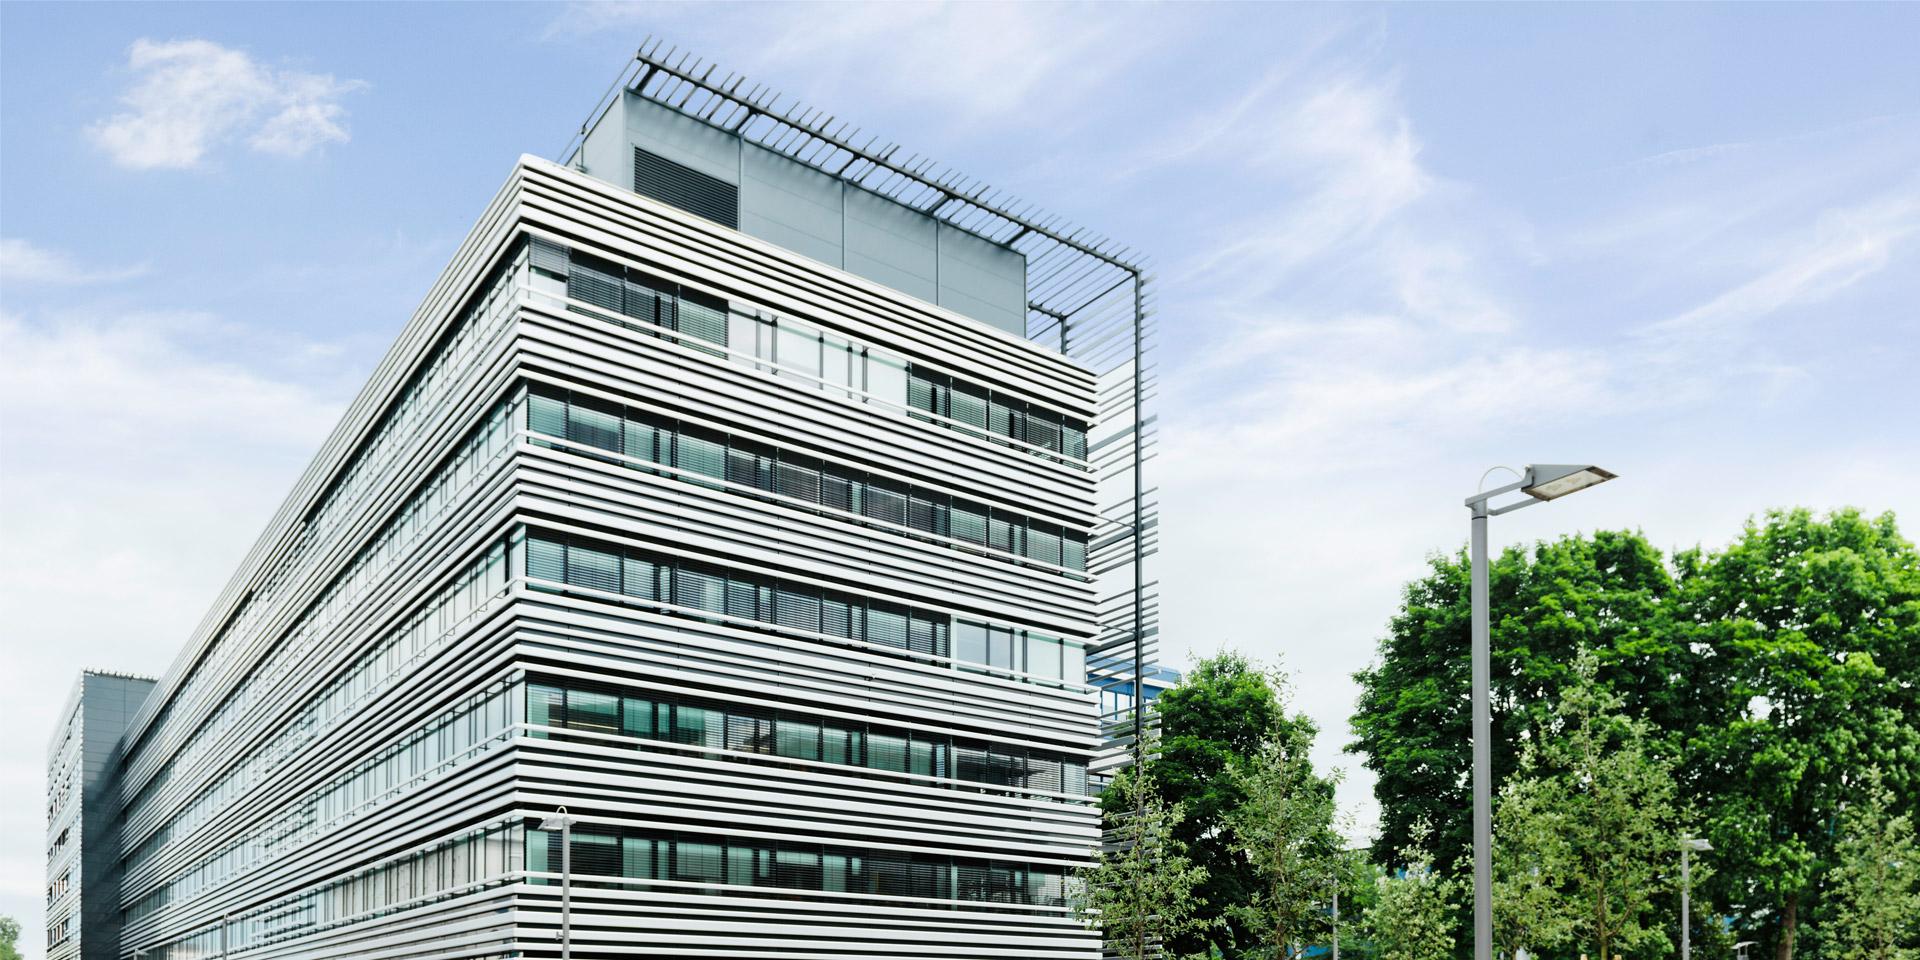 Referenz Rohde & Schwarz Technologiezentrum II in München